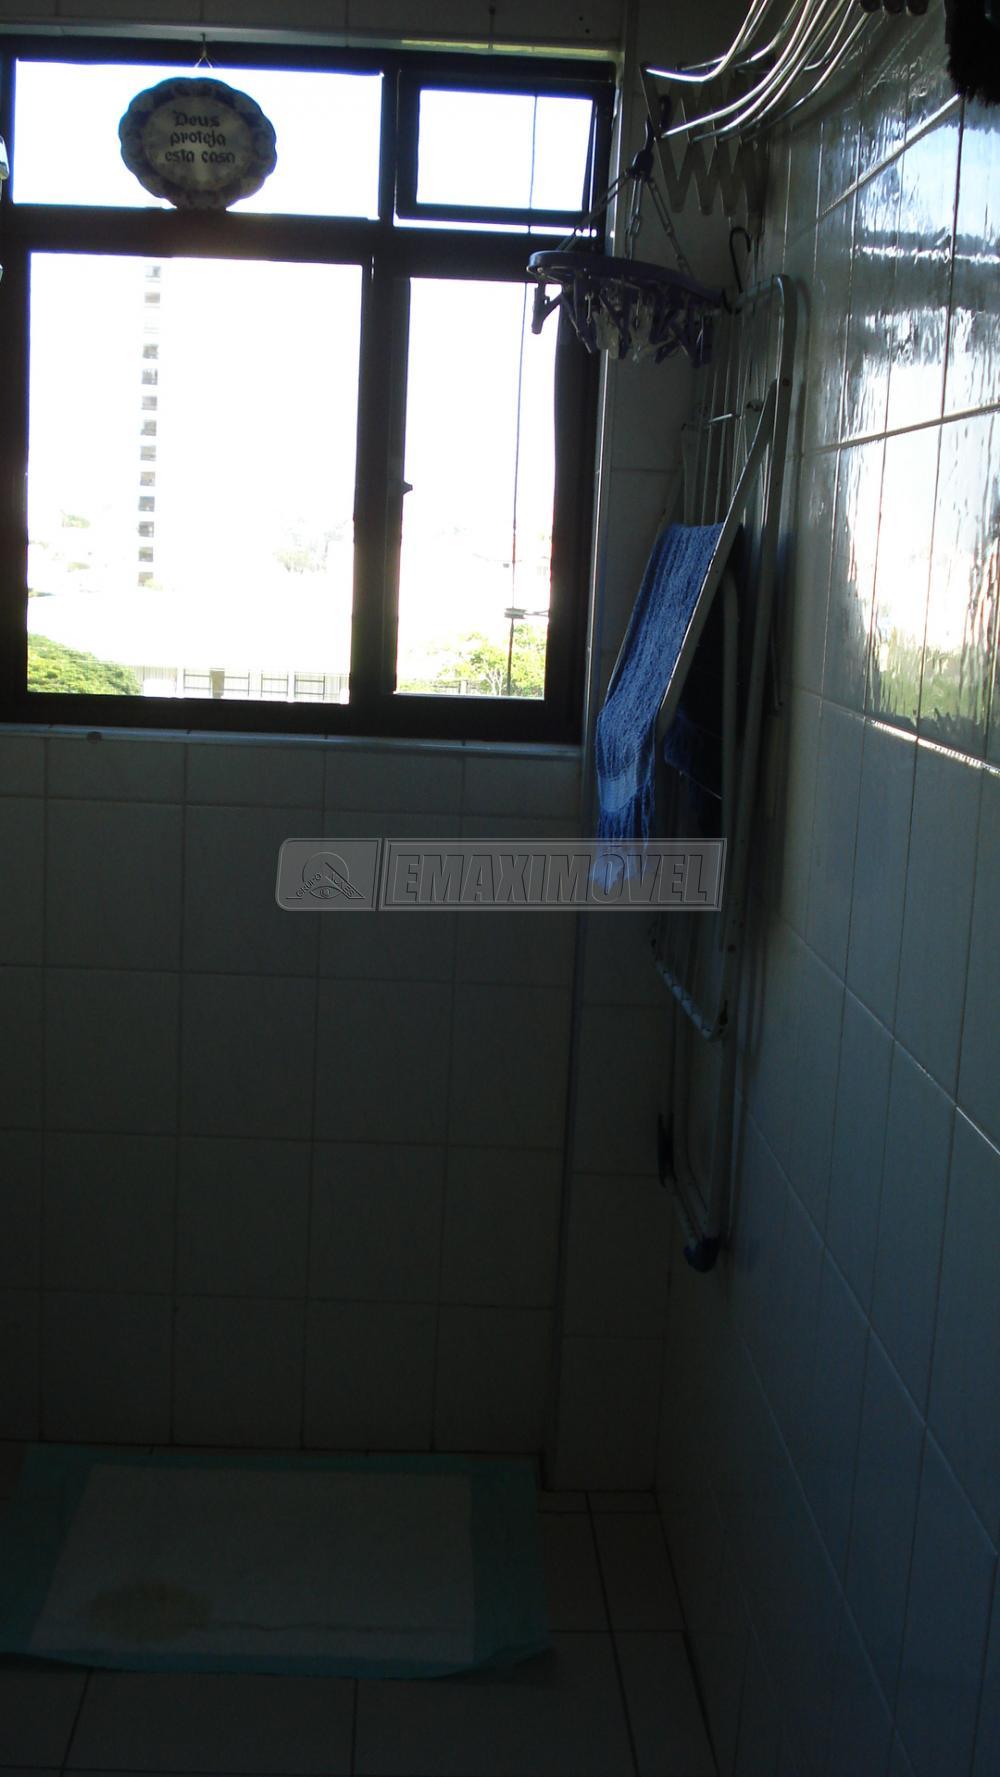 Comprar Apartamentos / Apto Padrão em Sorocaba apenas R$ 450.000,00 - Foto 19